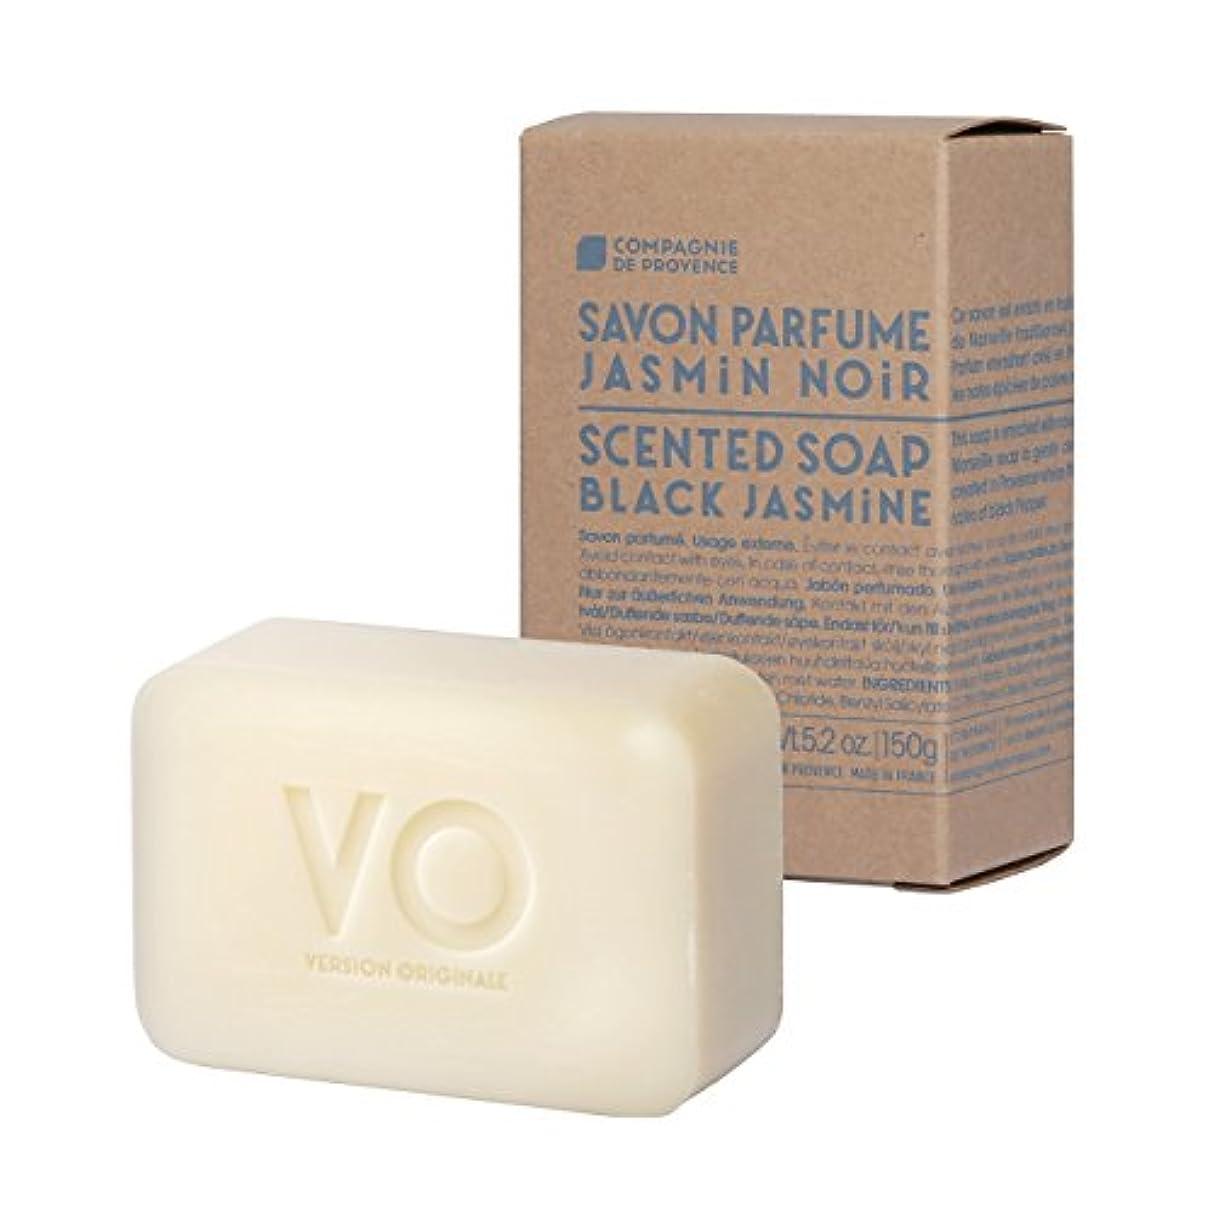 一元化する所得空洞カンパニードプロバンス バージョンオリジナル センティッドソープ ブラックジャスミン(すっきりとした中にも甘さがある香り) 150g